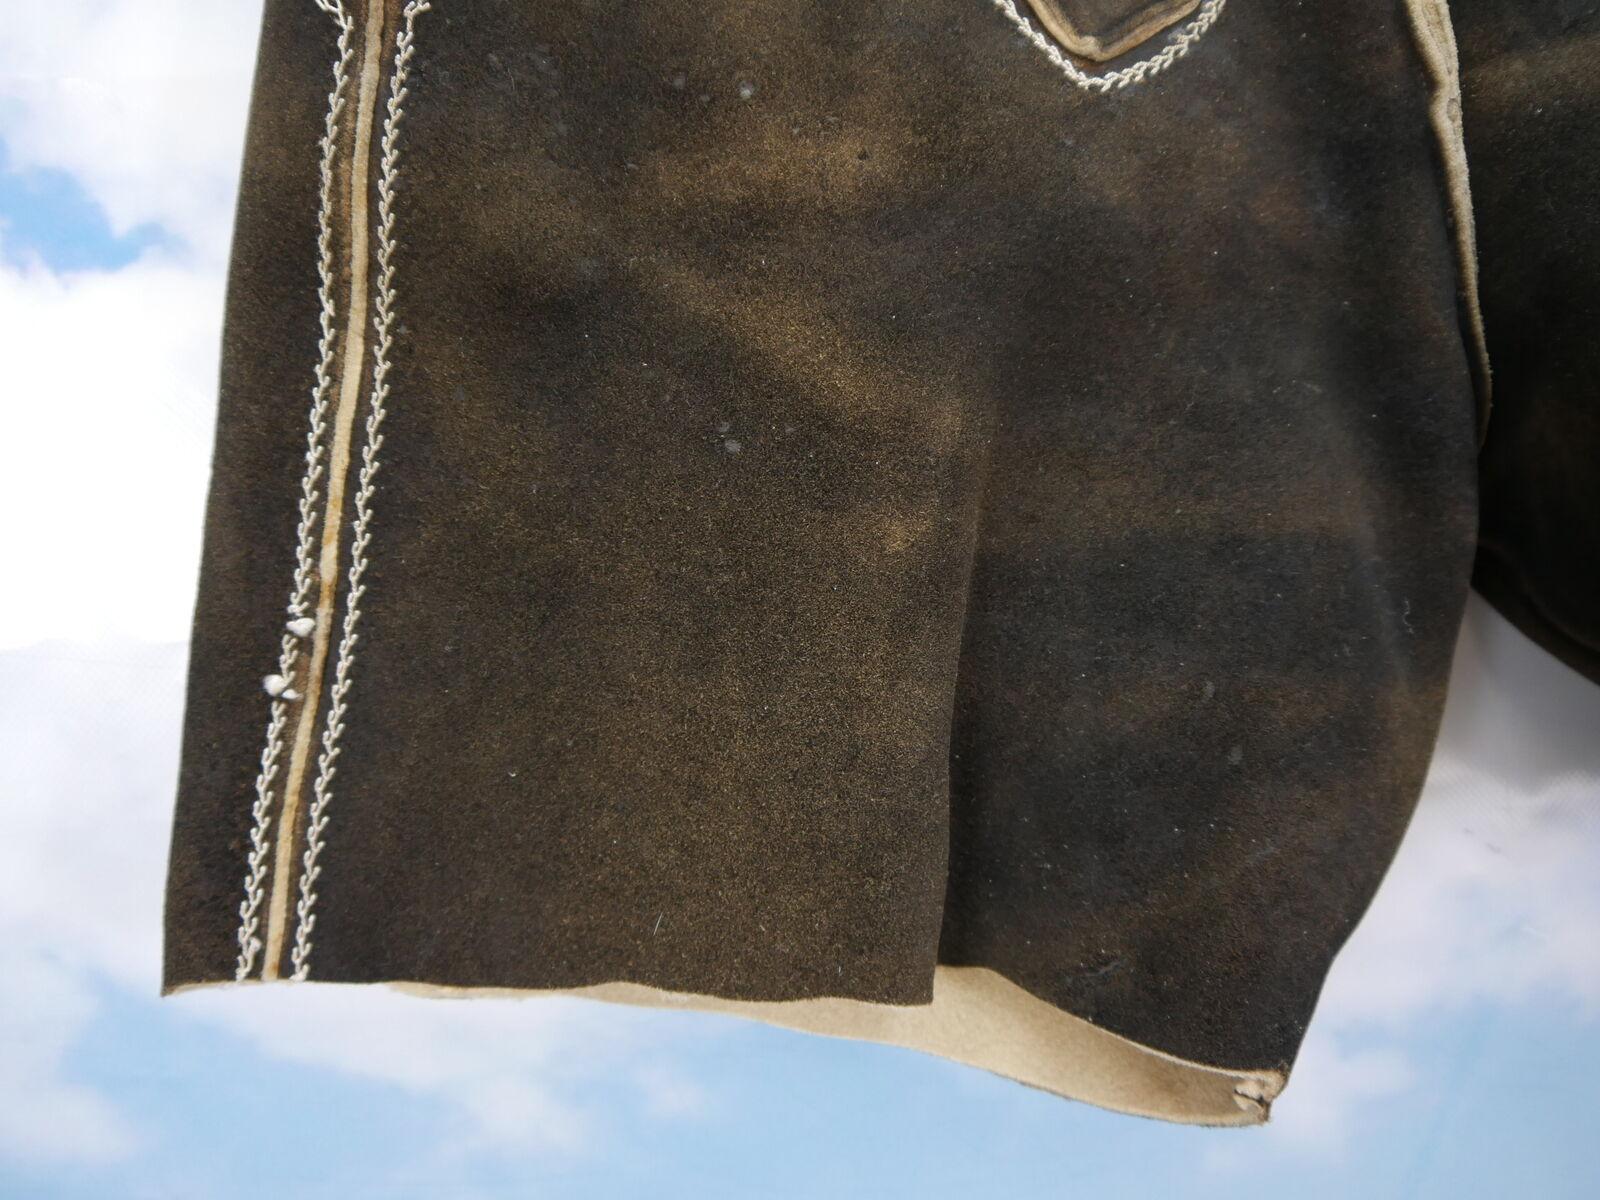 Spessore lunga HIRSCH pelle Lederhose in una breve troncati Marronee Marronee Marronee Tg. 52 70b1fd